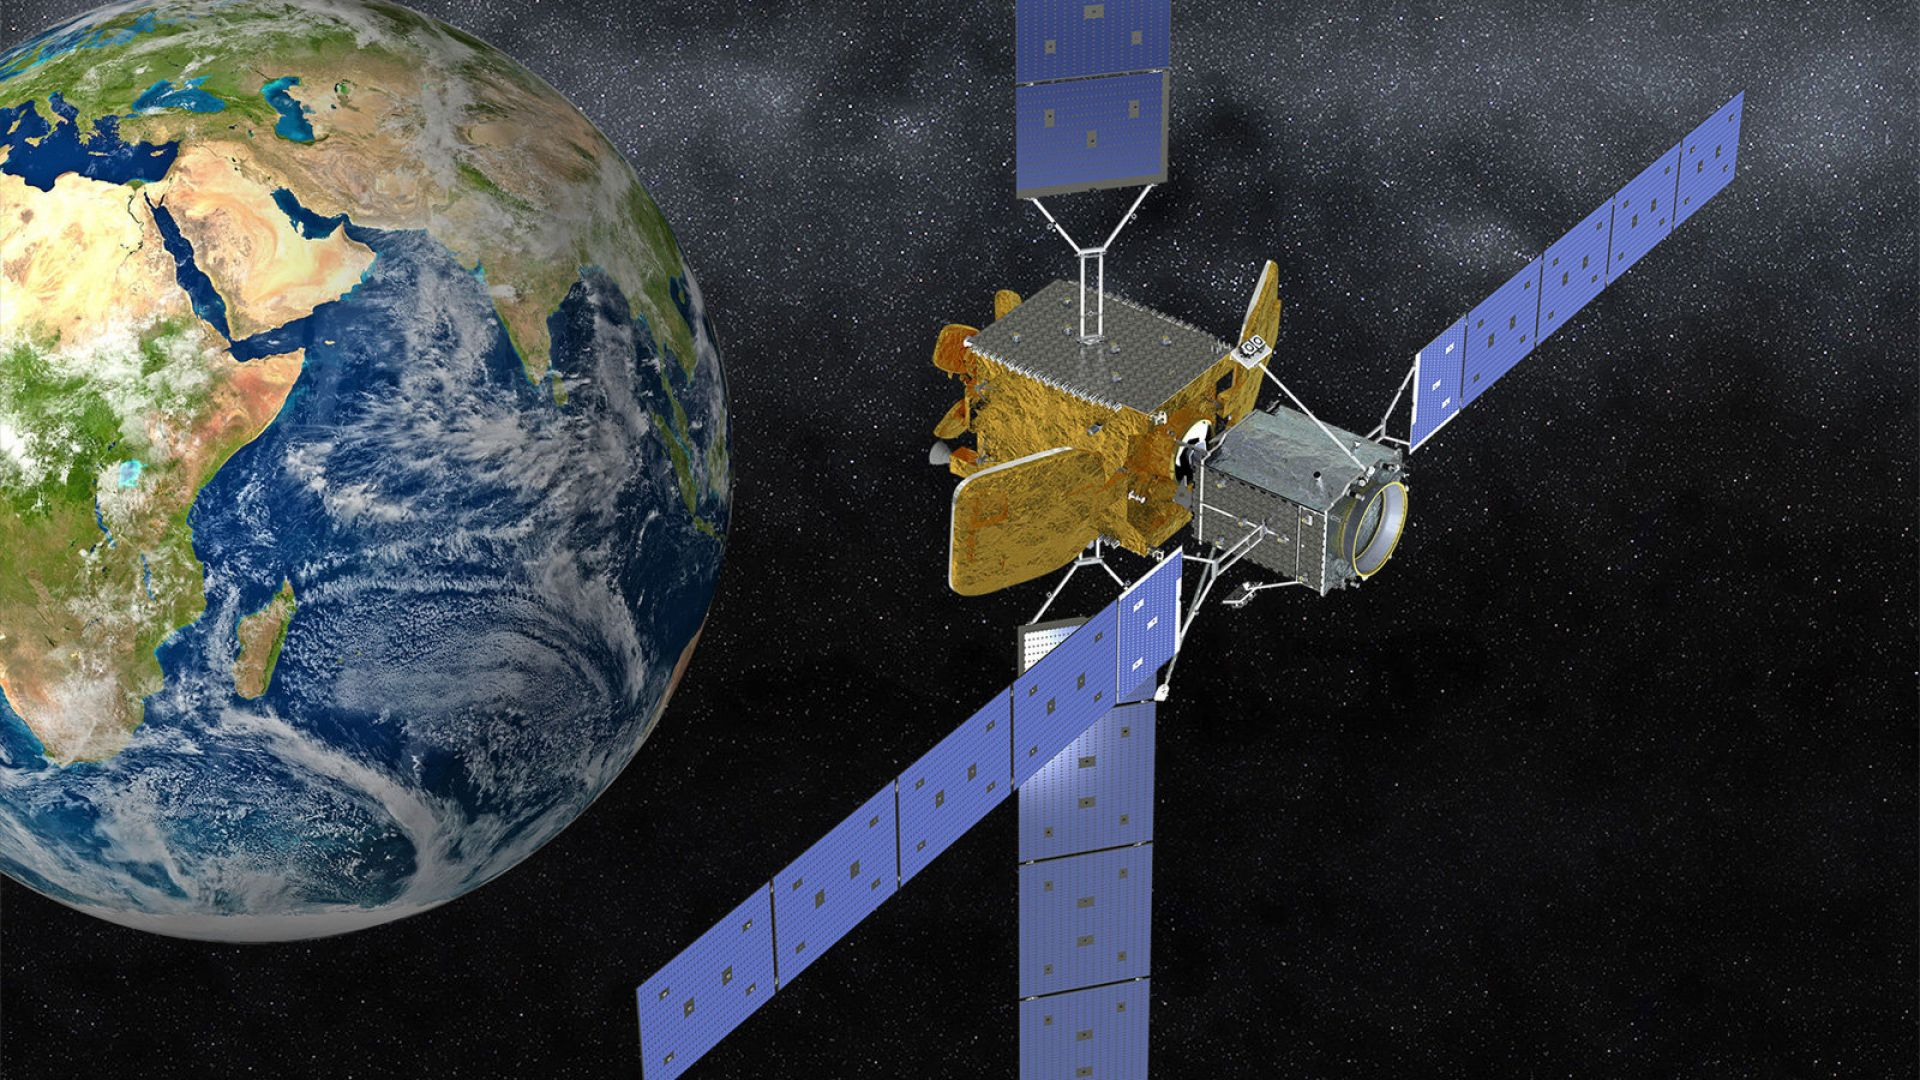 През 2020 г. Китай ще завърши своя GPS